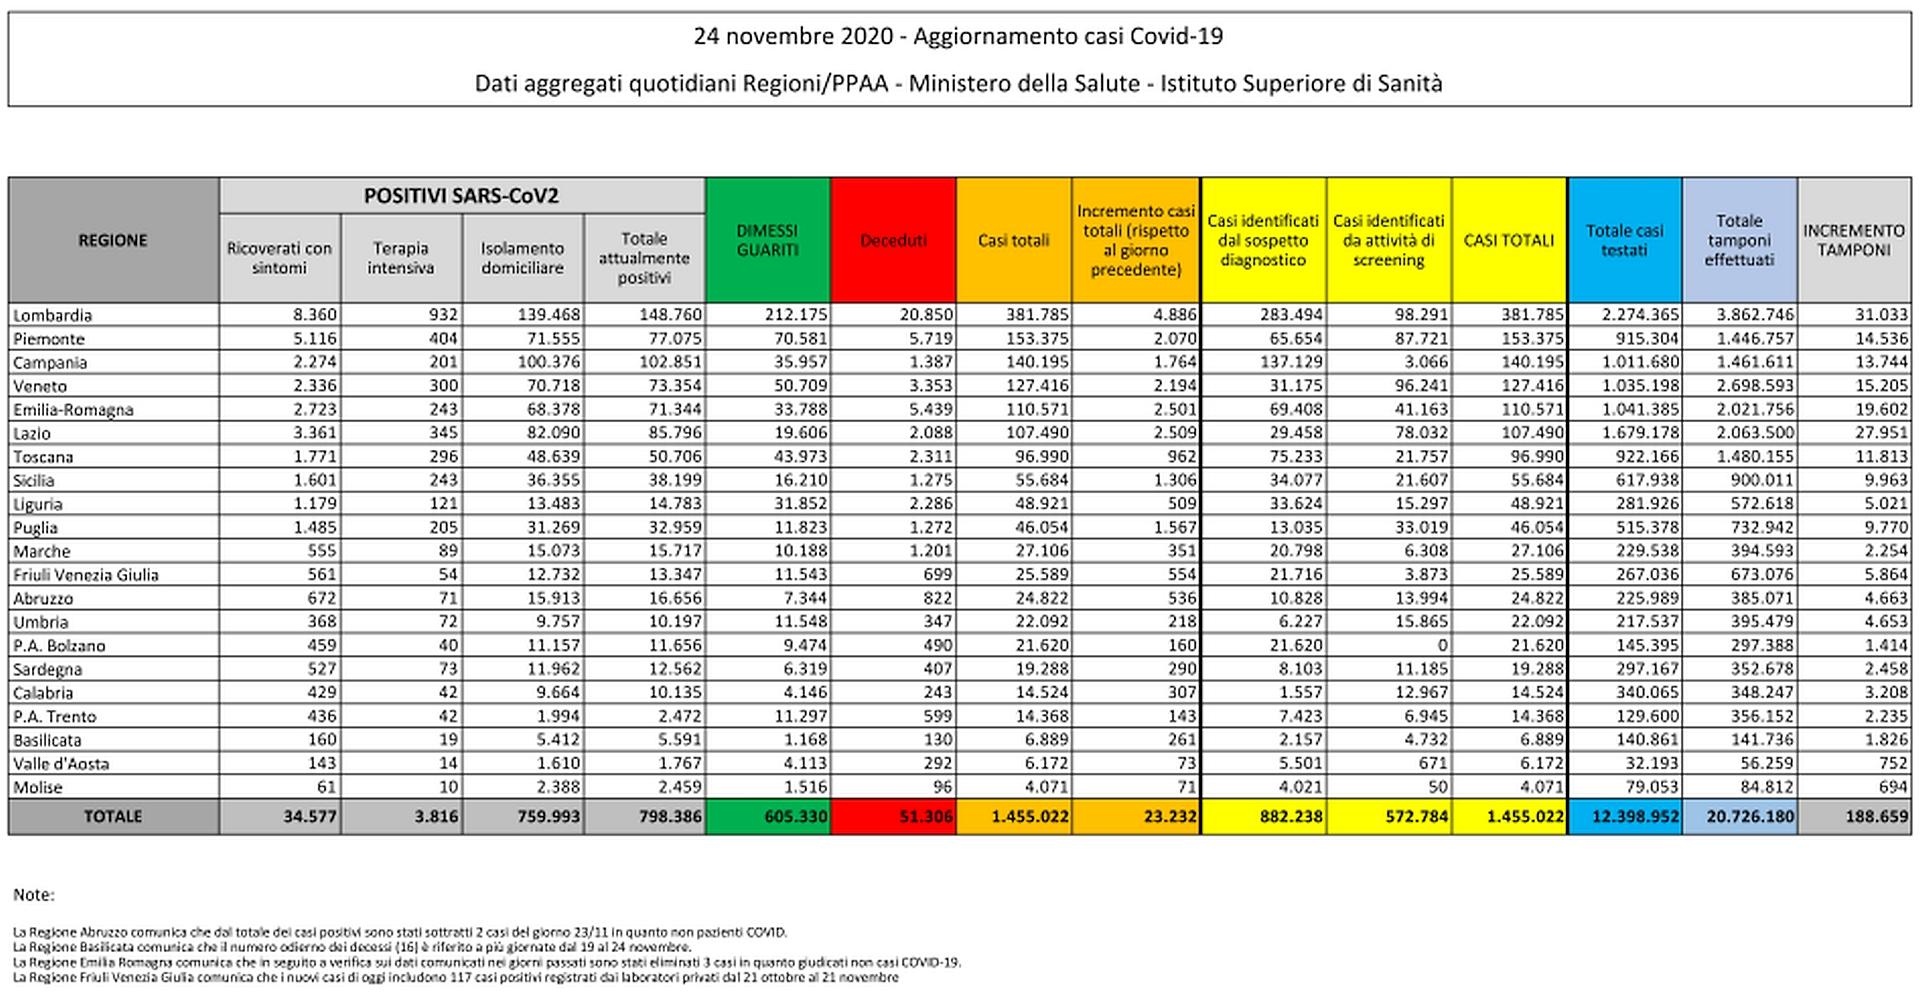 24 novembre 2020 - Aggiornamento casi Covid-19 Dati aggregati quotidiani Regioni/PPAA - Ministero della Salute - Istituto Superiore di Sanità